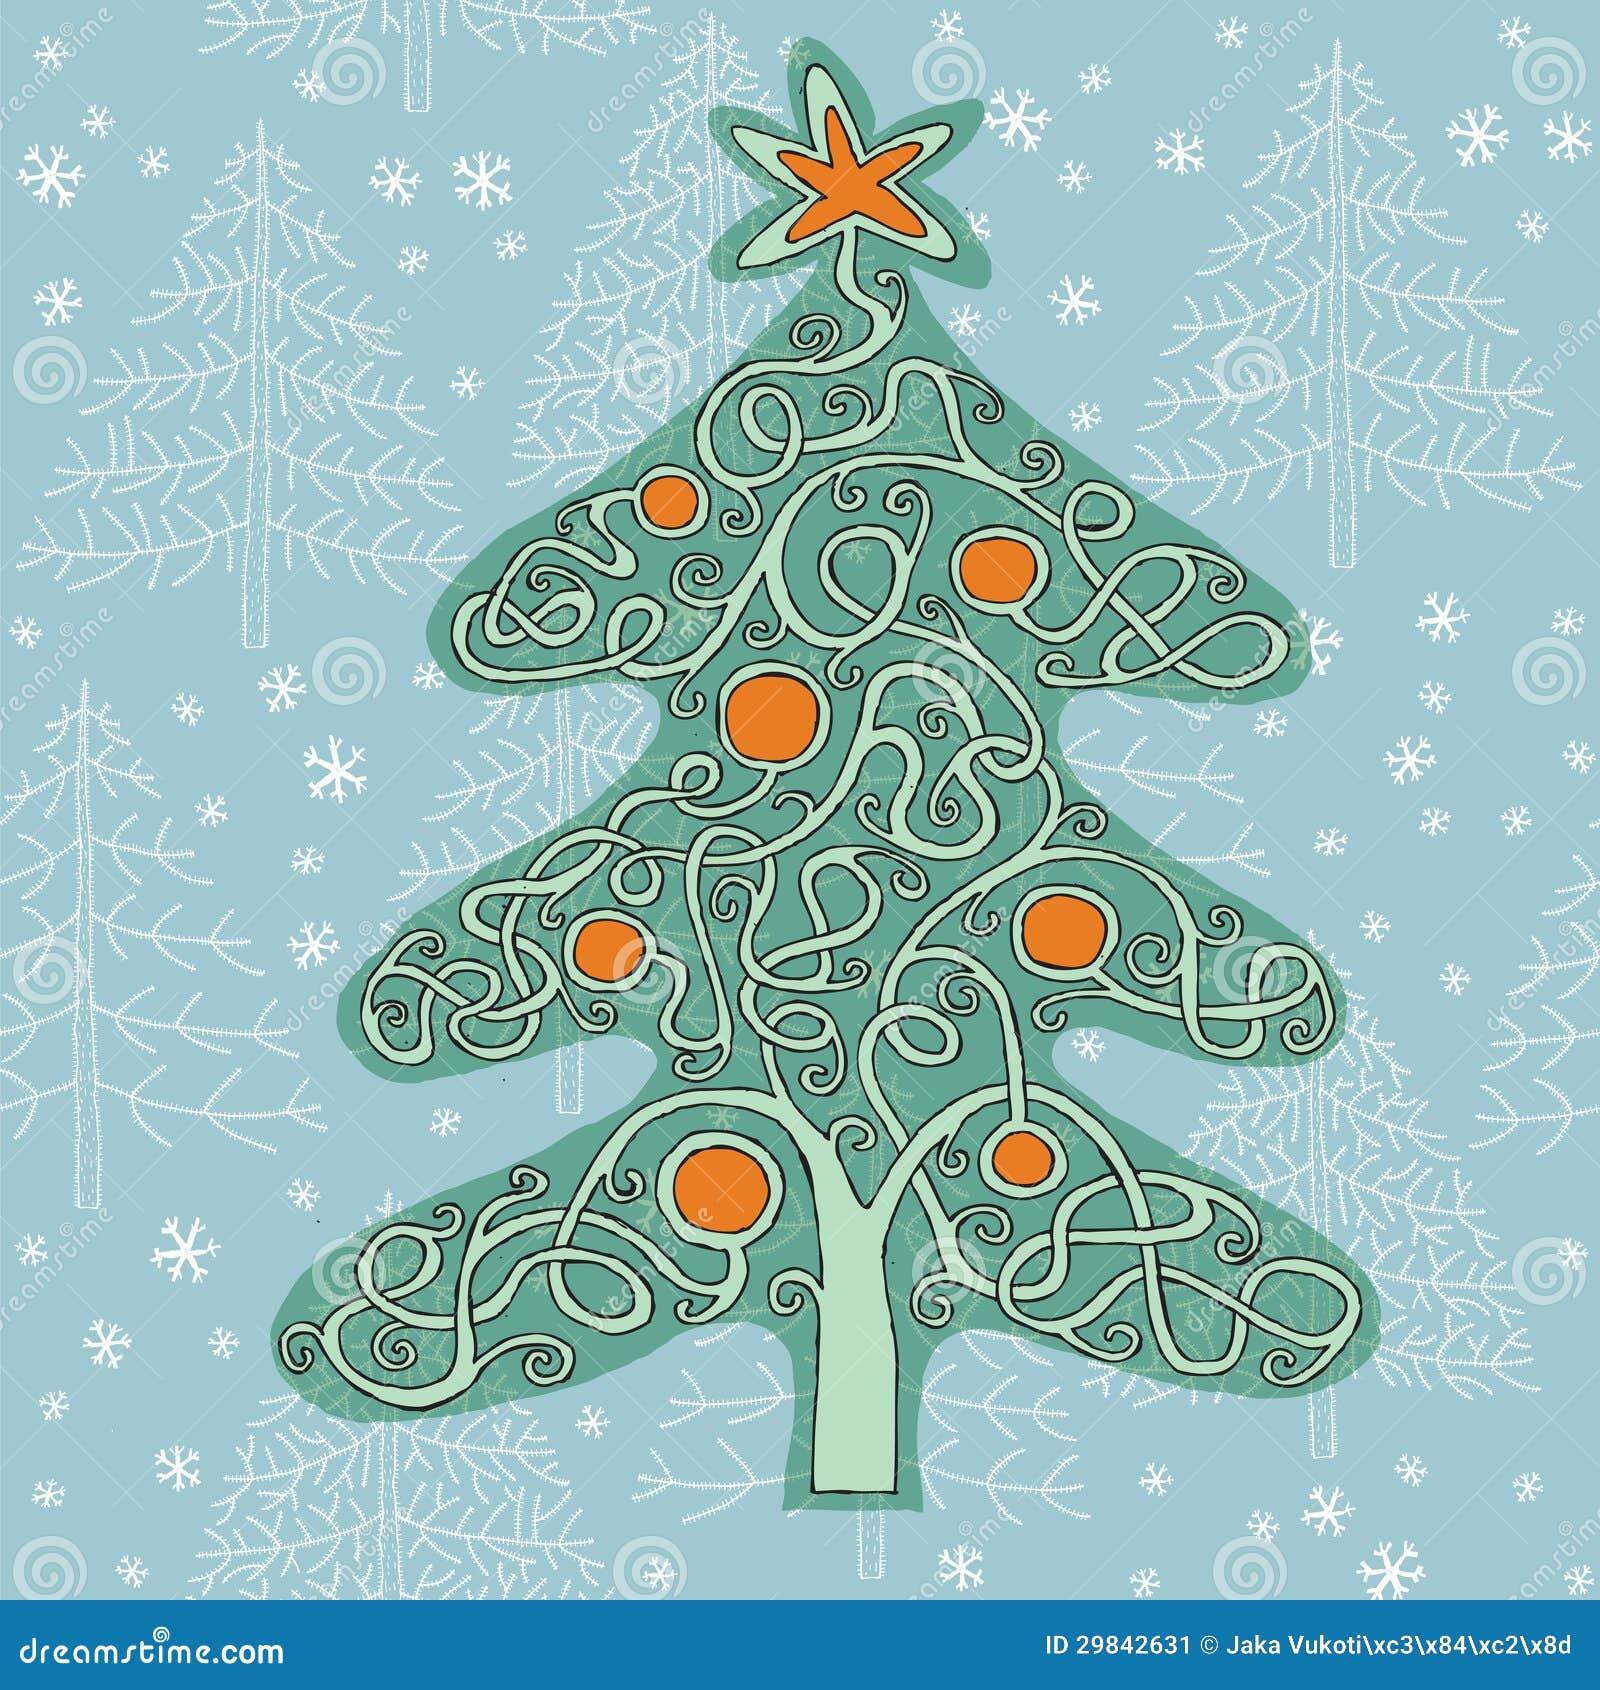 Jogo do labirinto da forma da árvore de Natal